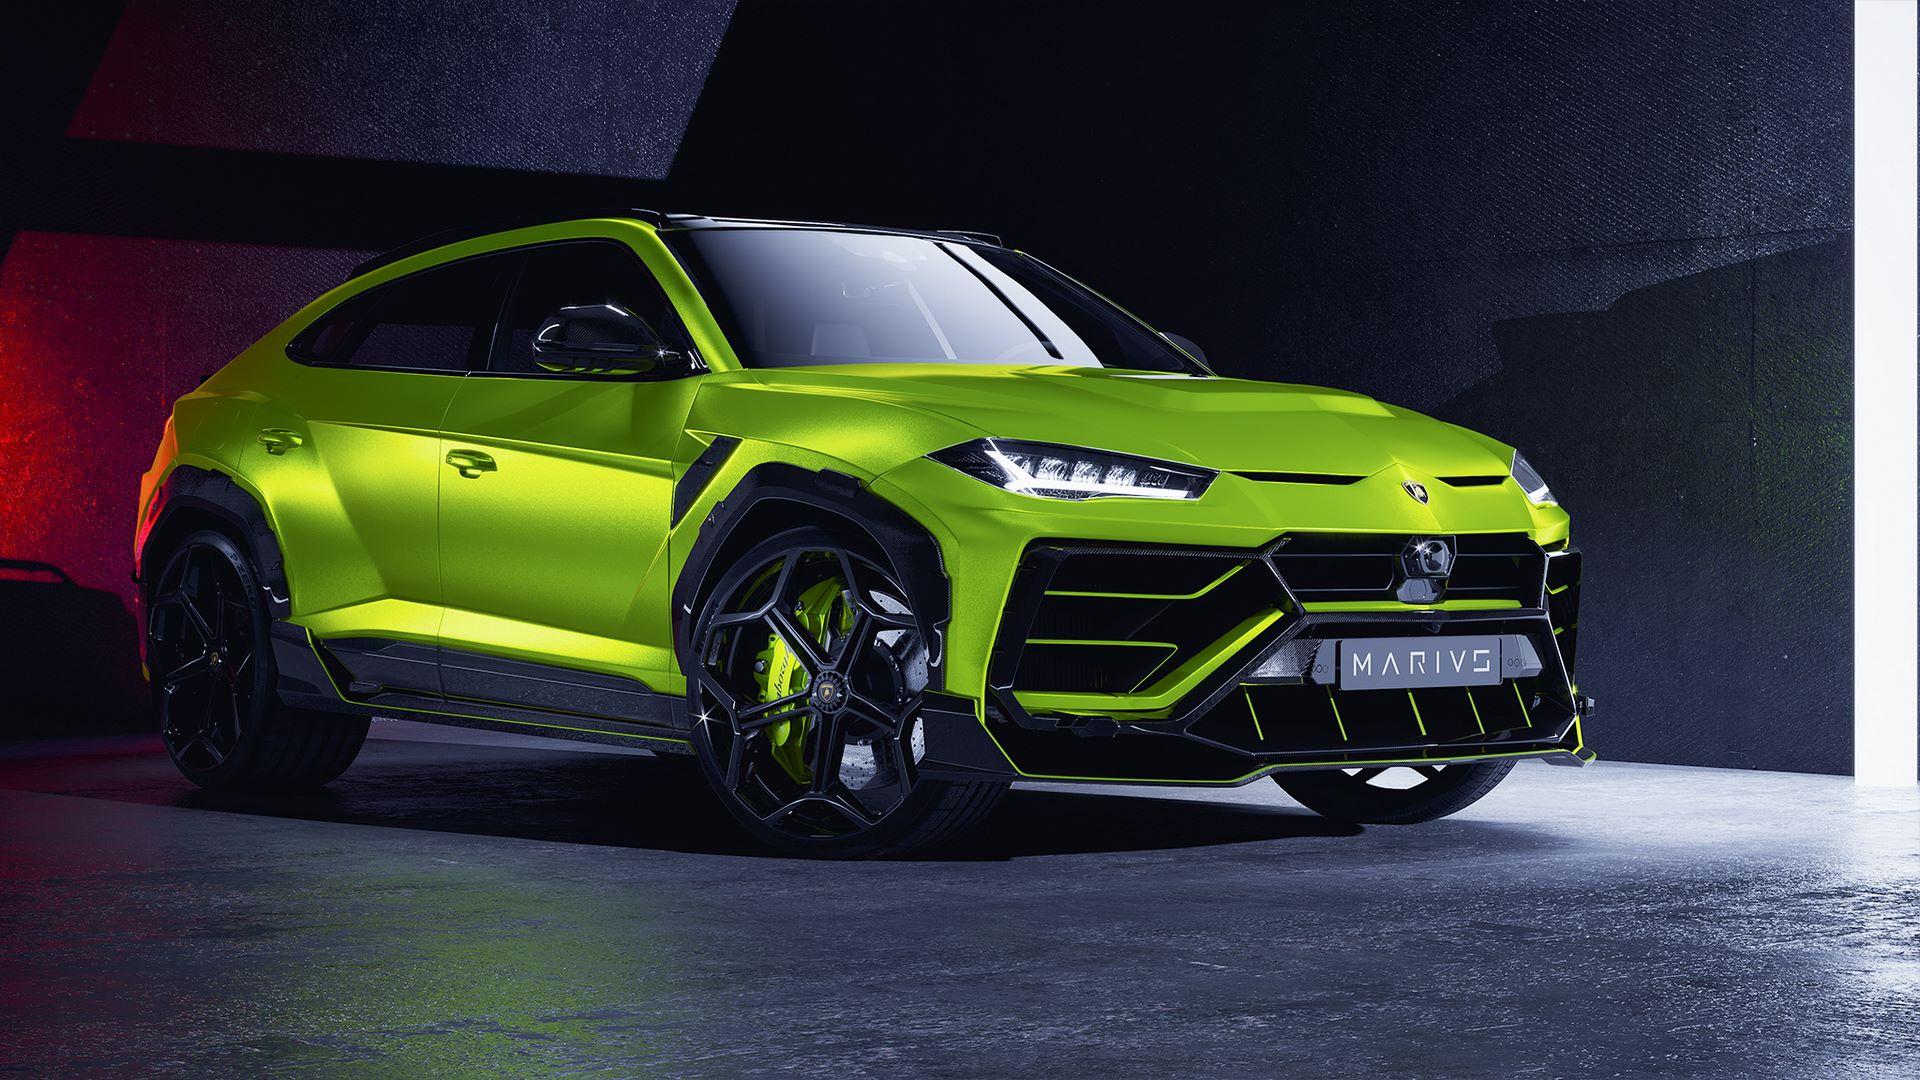 Lamborghini-Urus-by-Marius-Designhaus-1